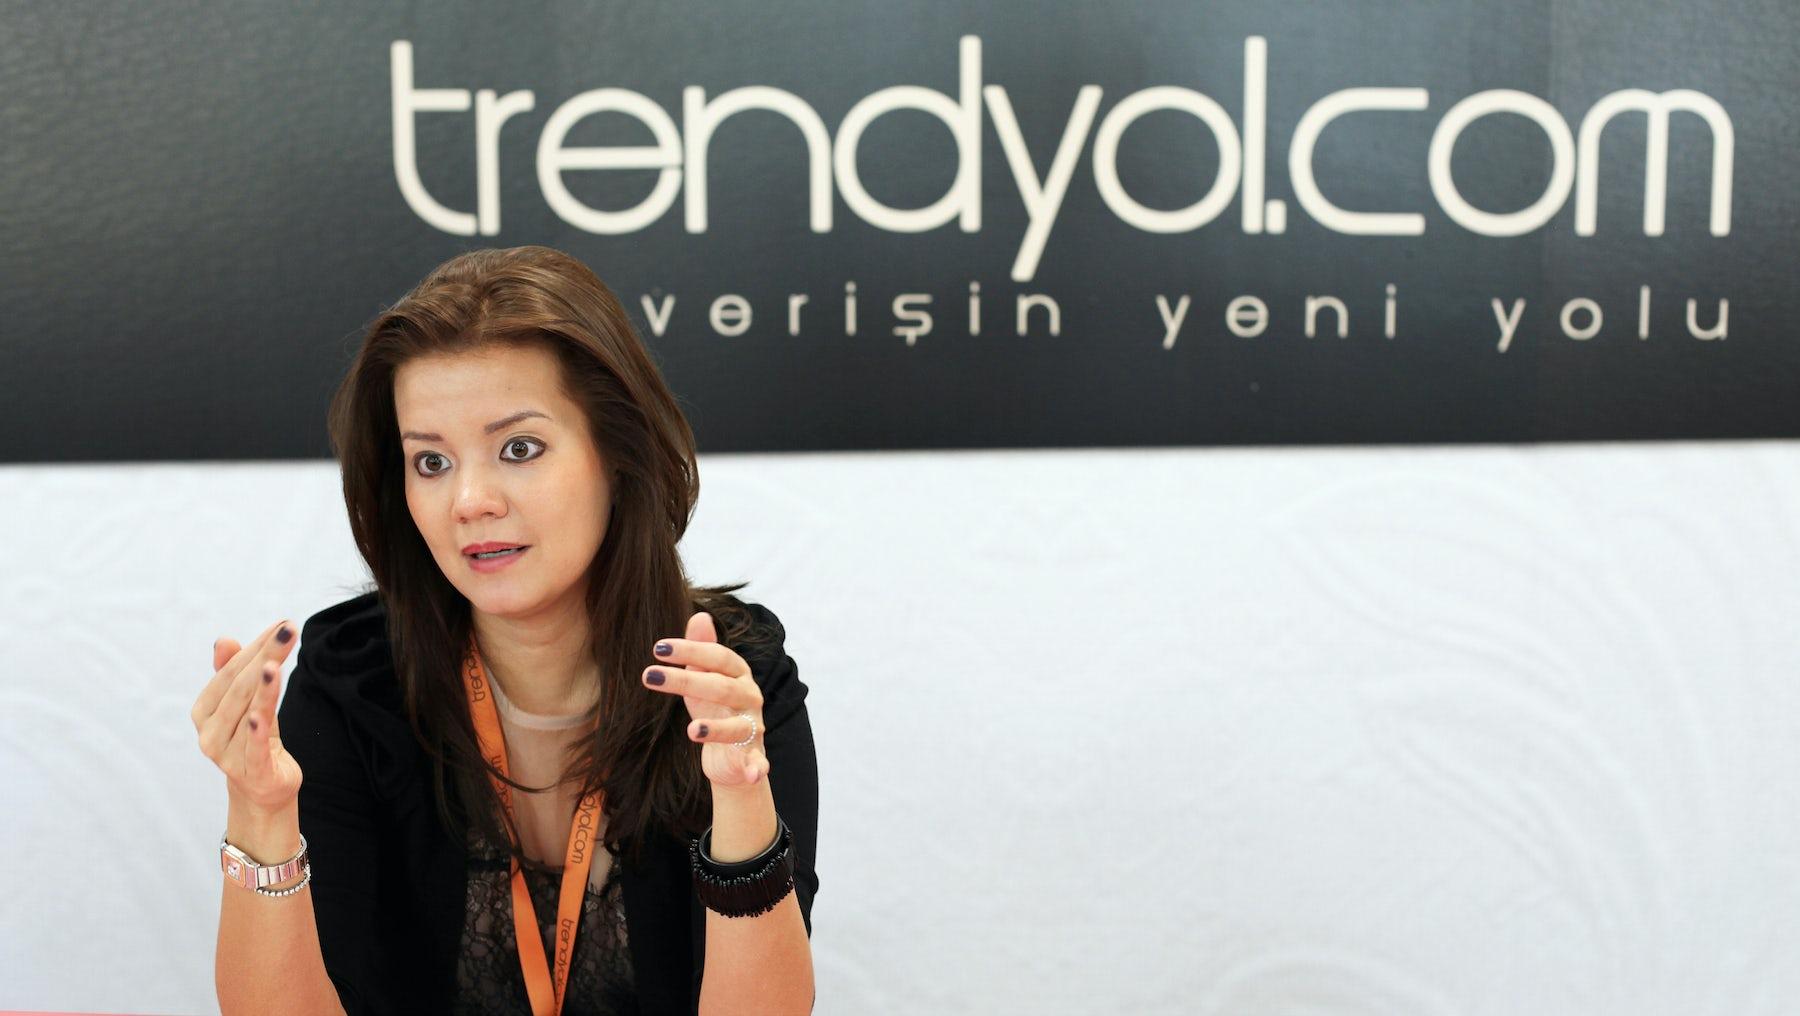 Trendyol founder Demet Mutlu | Source: Shutterstock